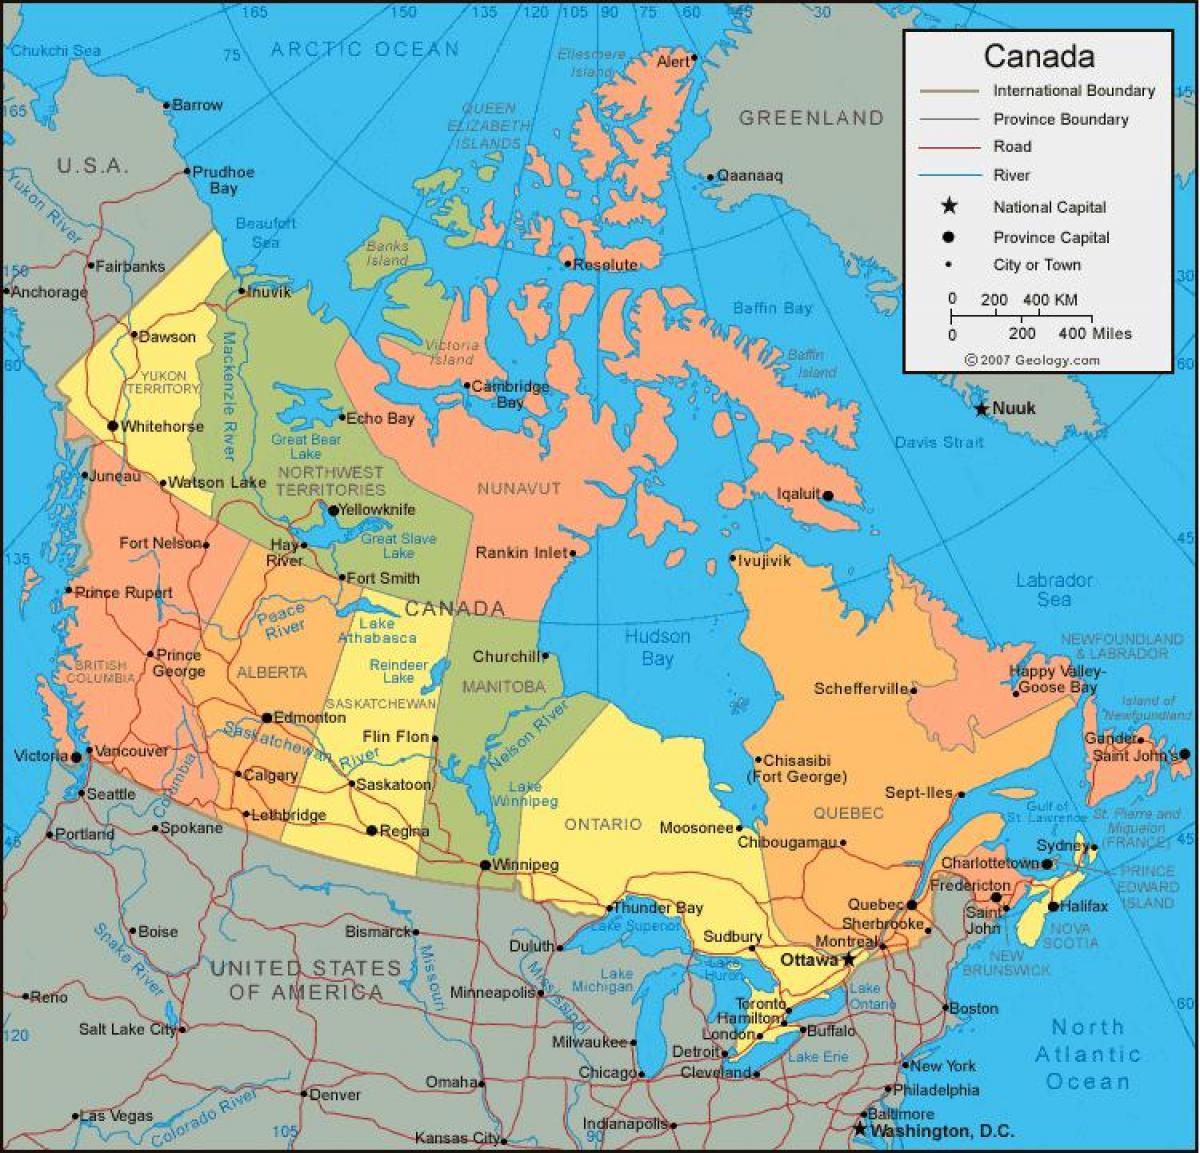 Canada Cartina Fisica.Canada Politico E Mappa Fisica Canada Fisico E Politico Mappa America Del Nord America